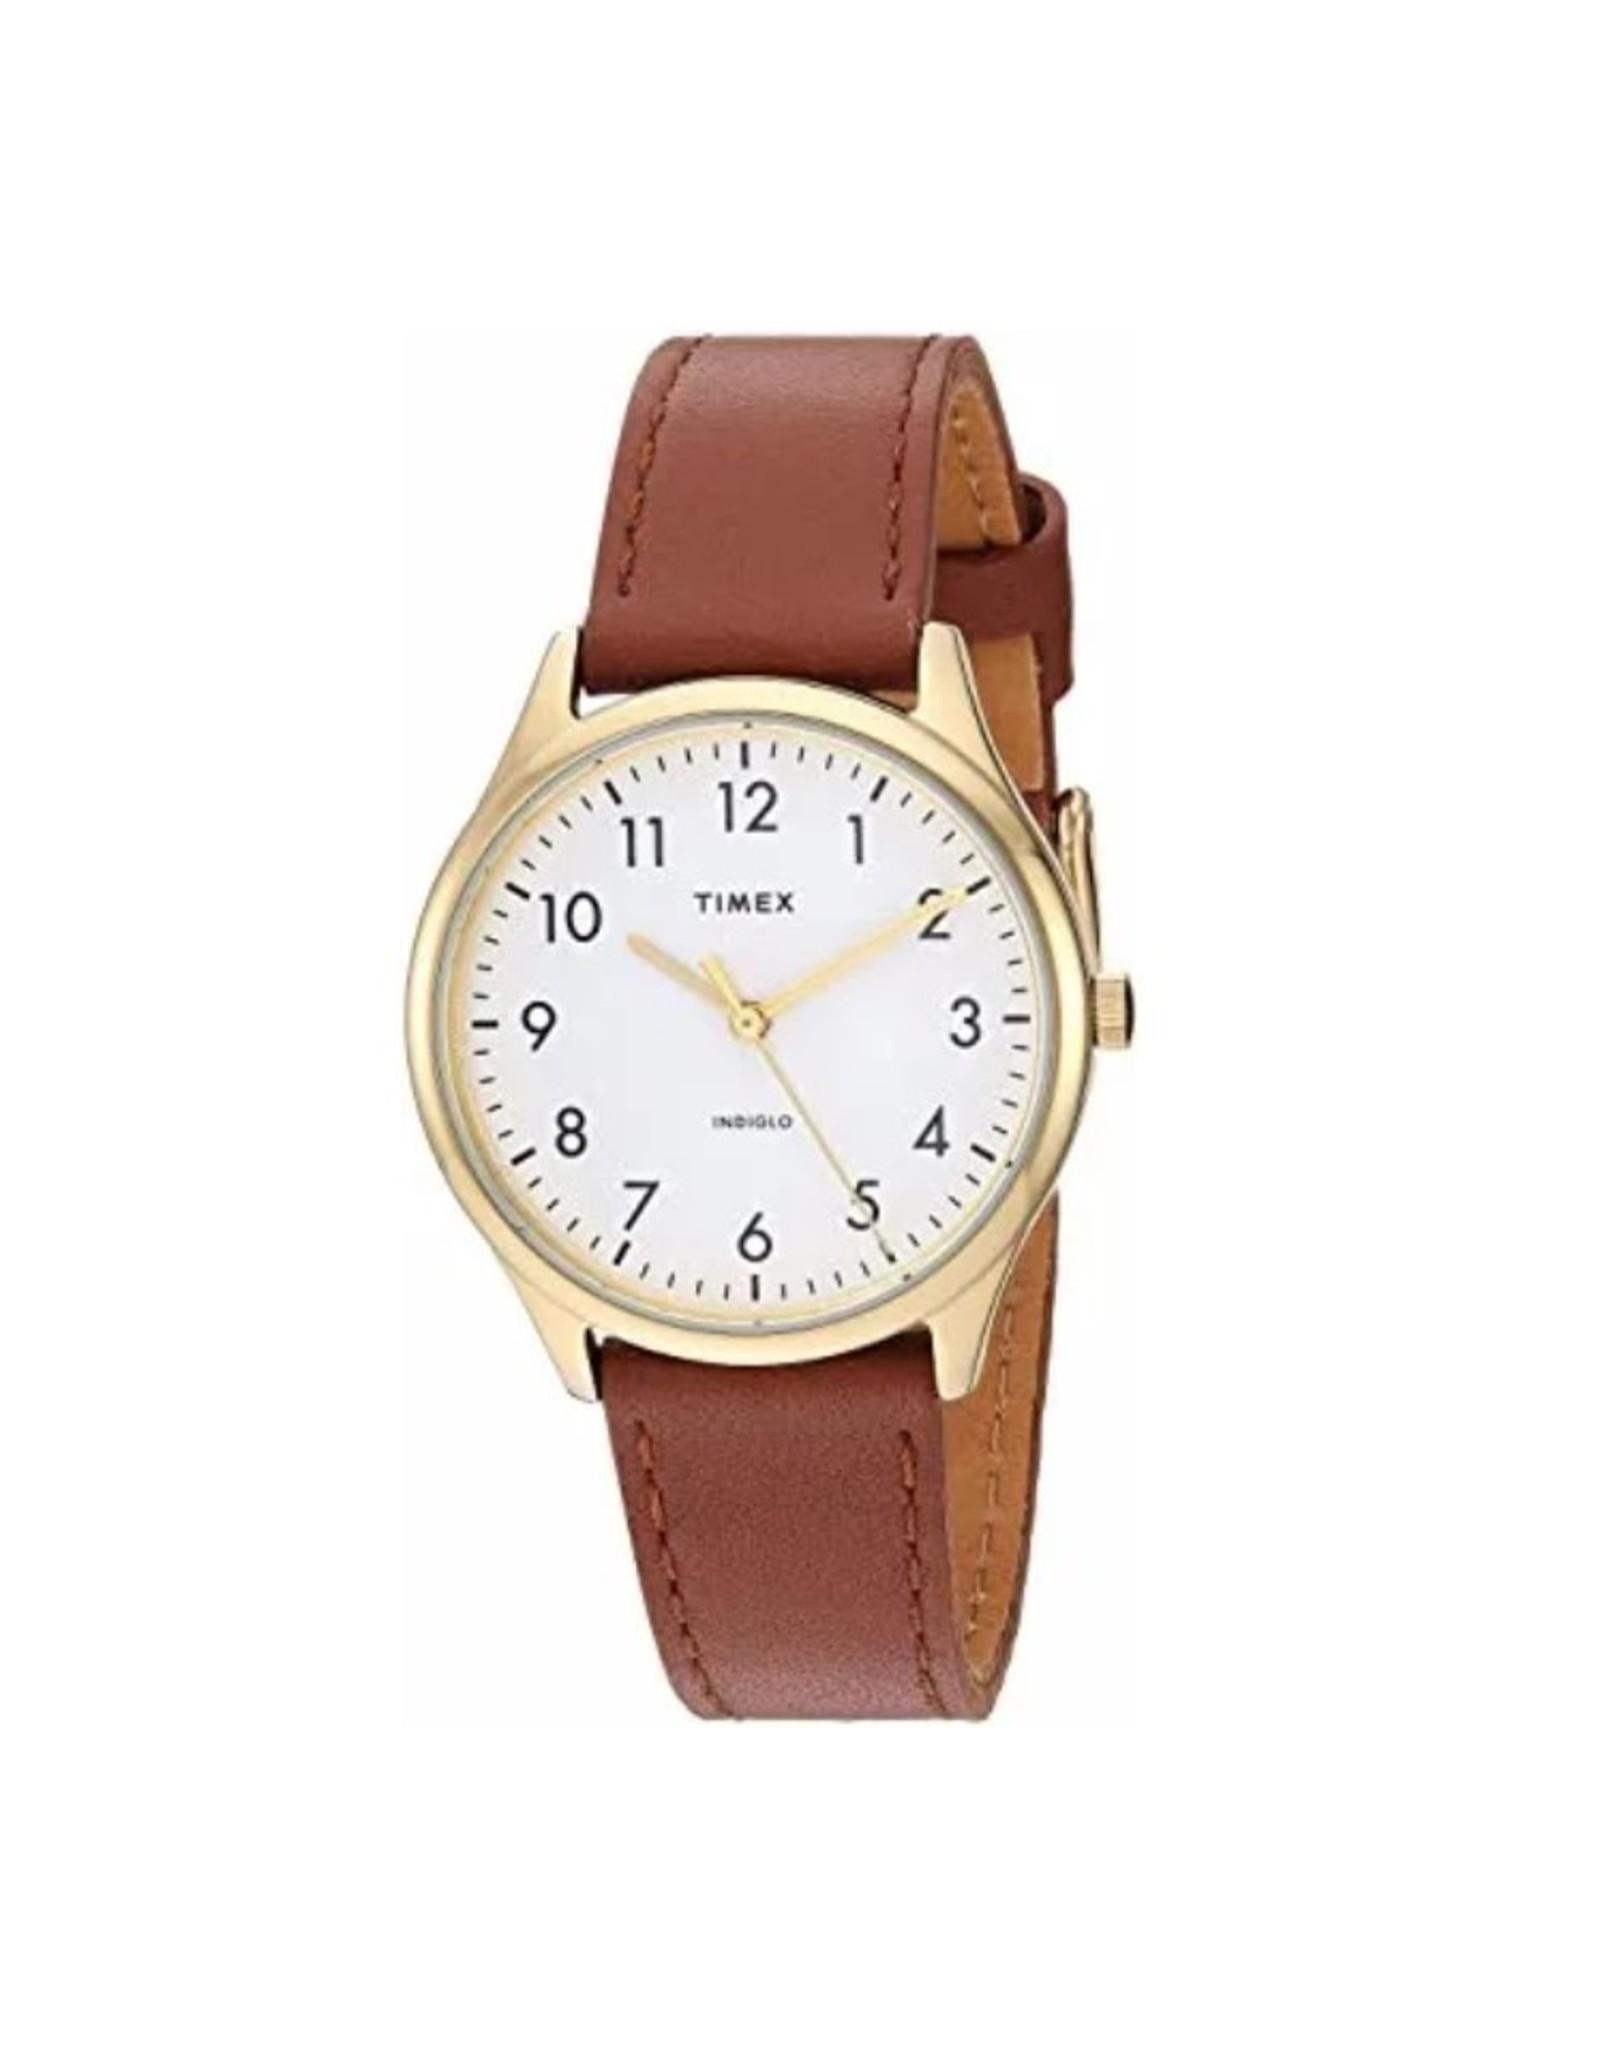 Timex Montre Timex dorée avec bracelet brun